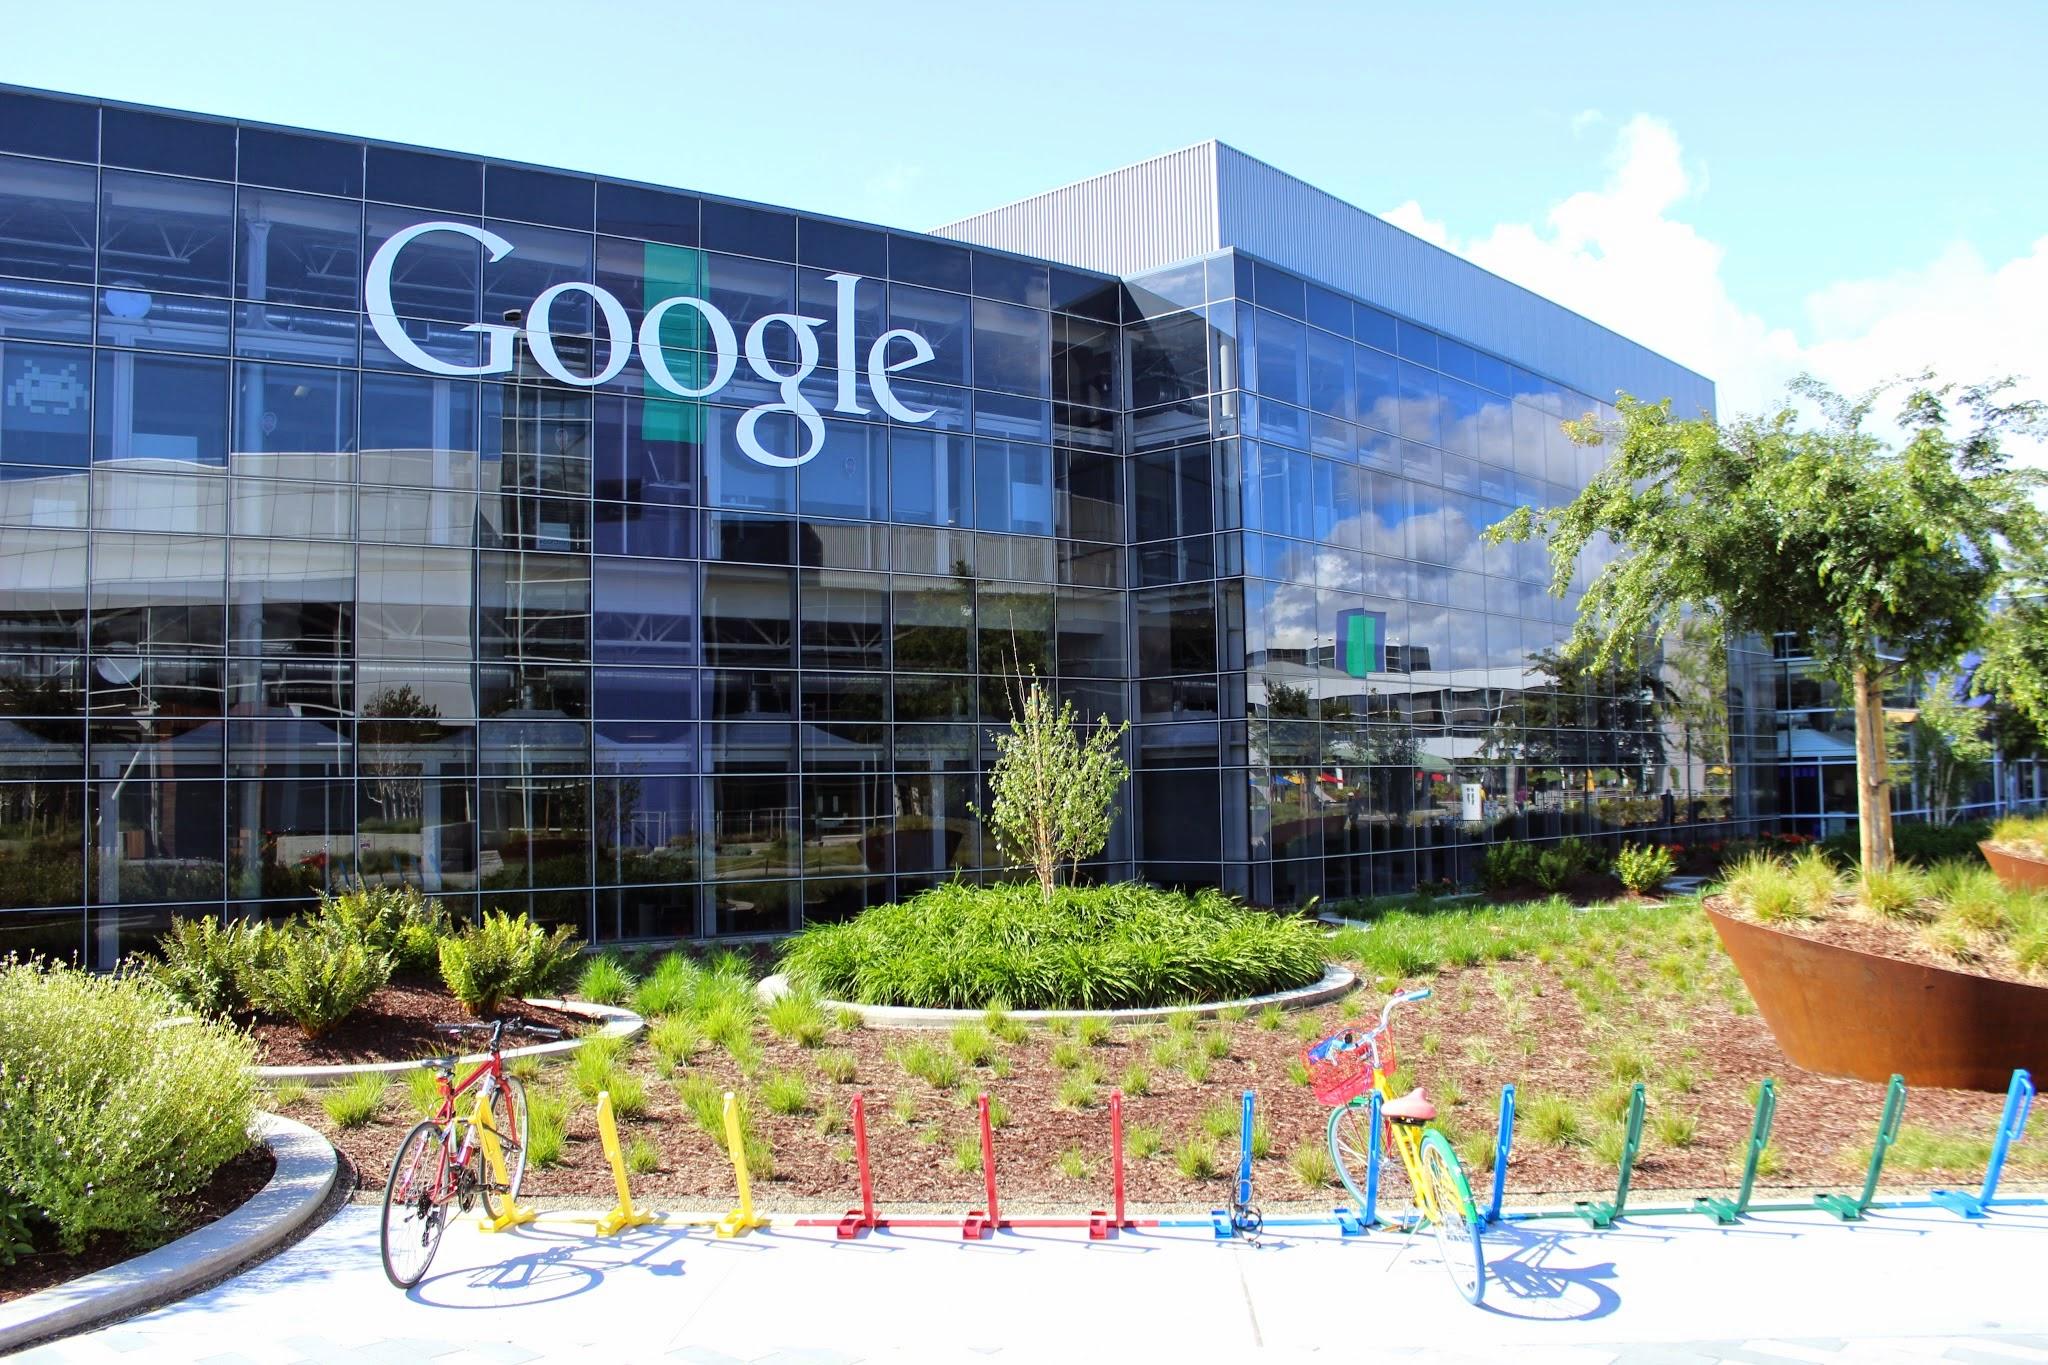 Google ønsker å bli omtalt som en skyselskap.